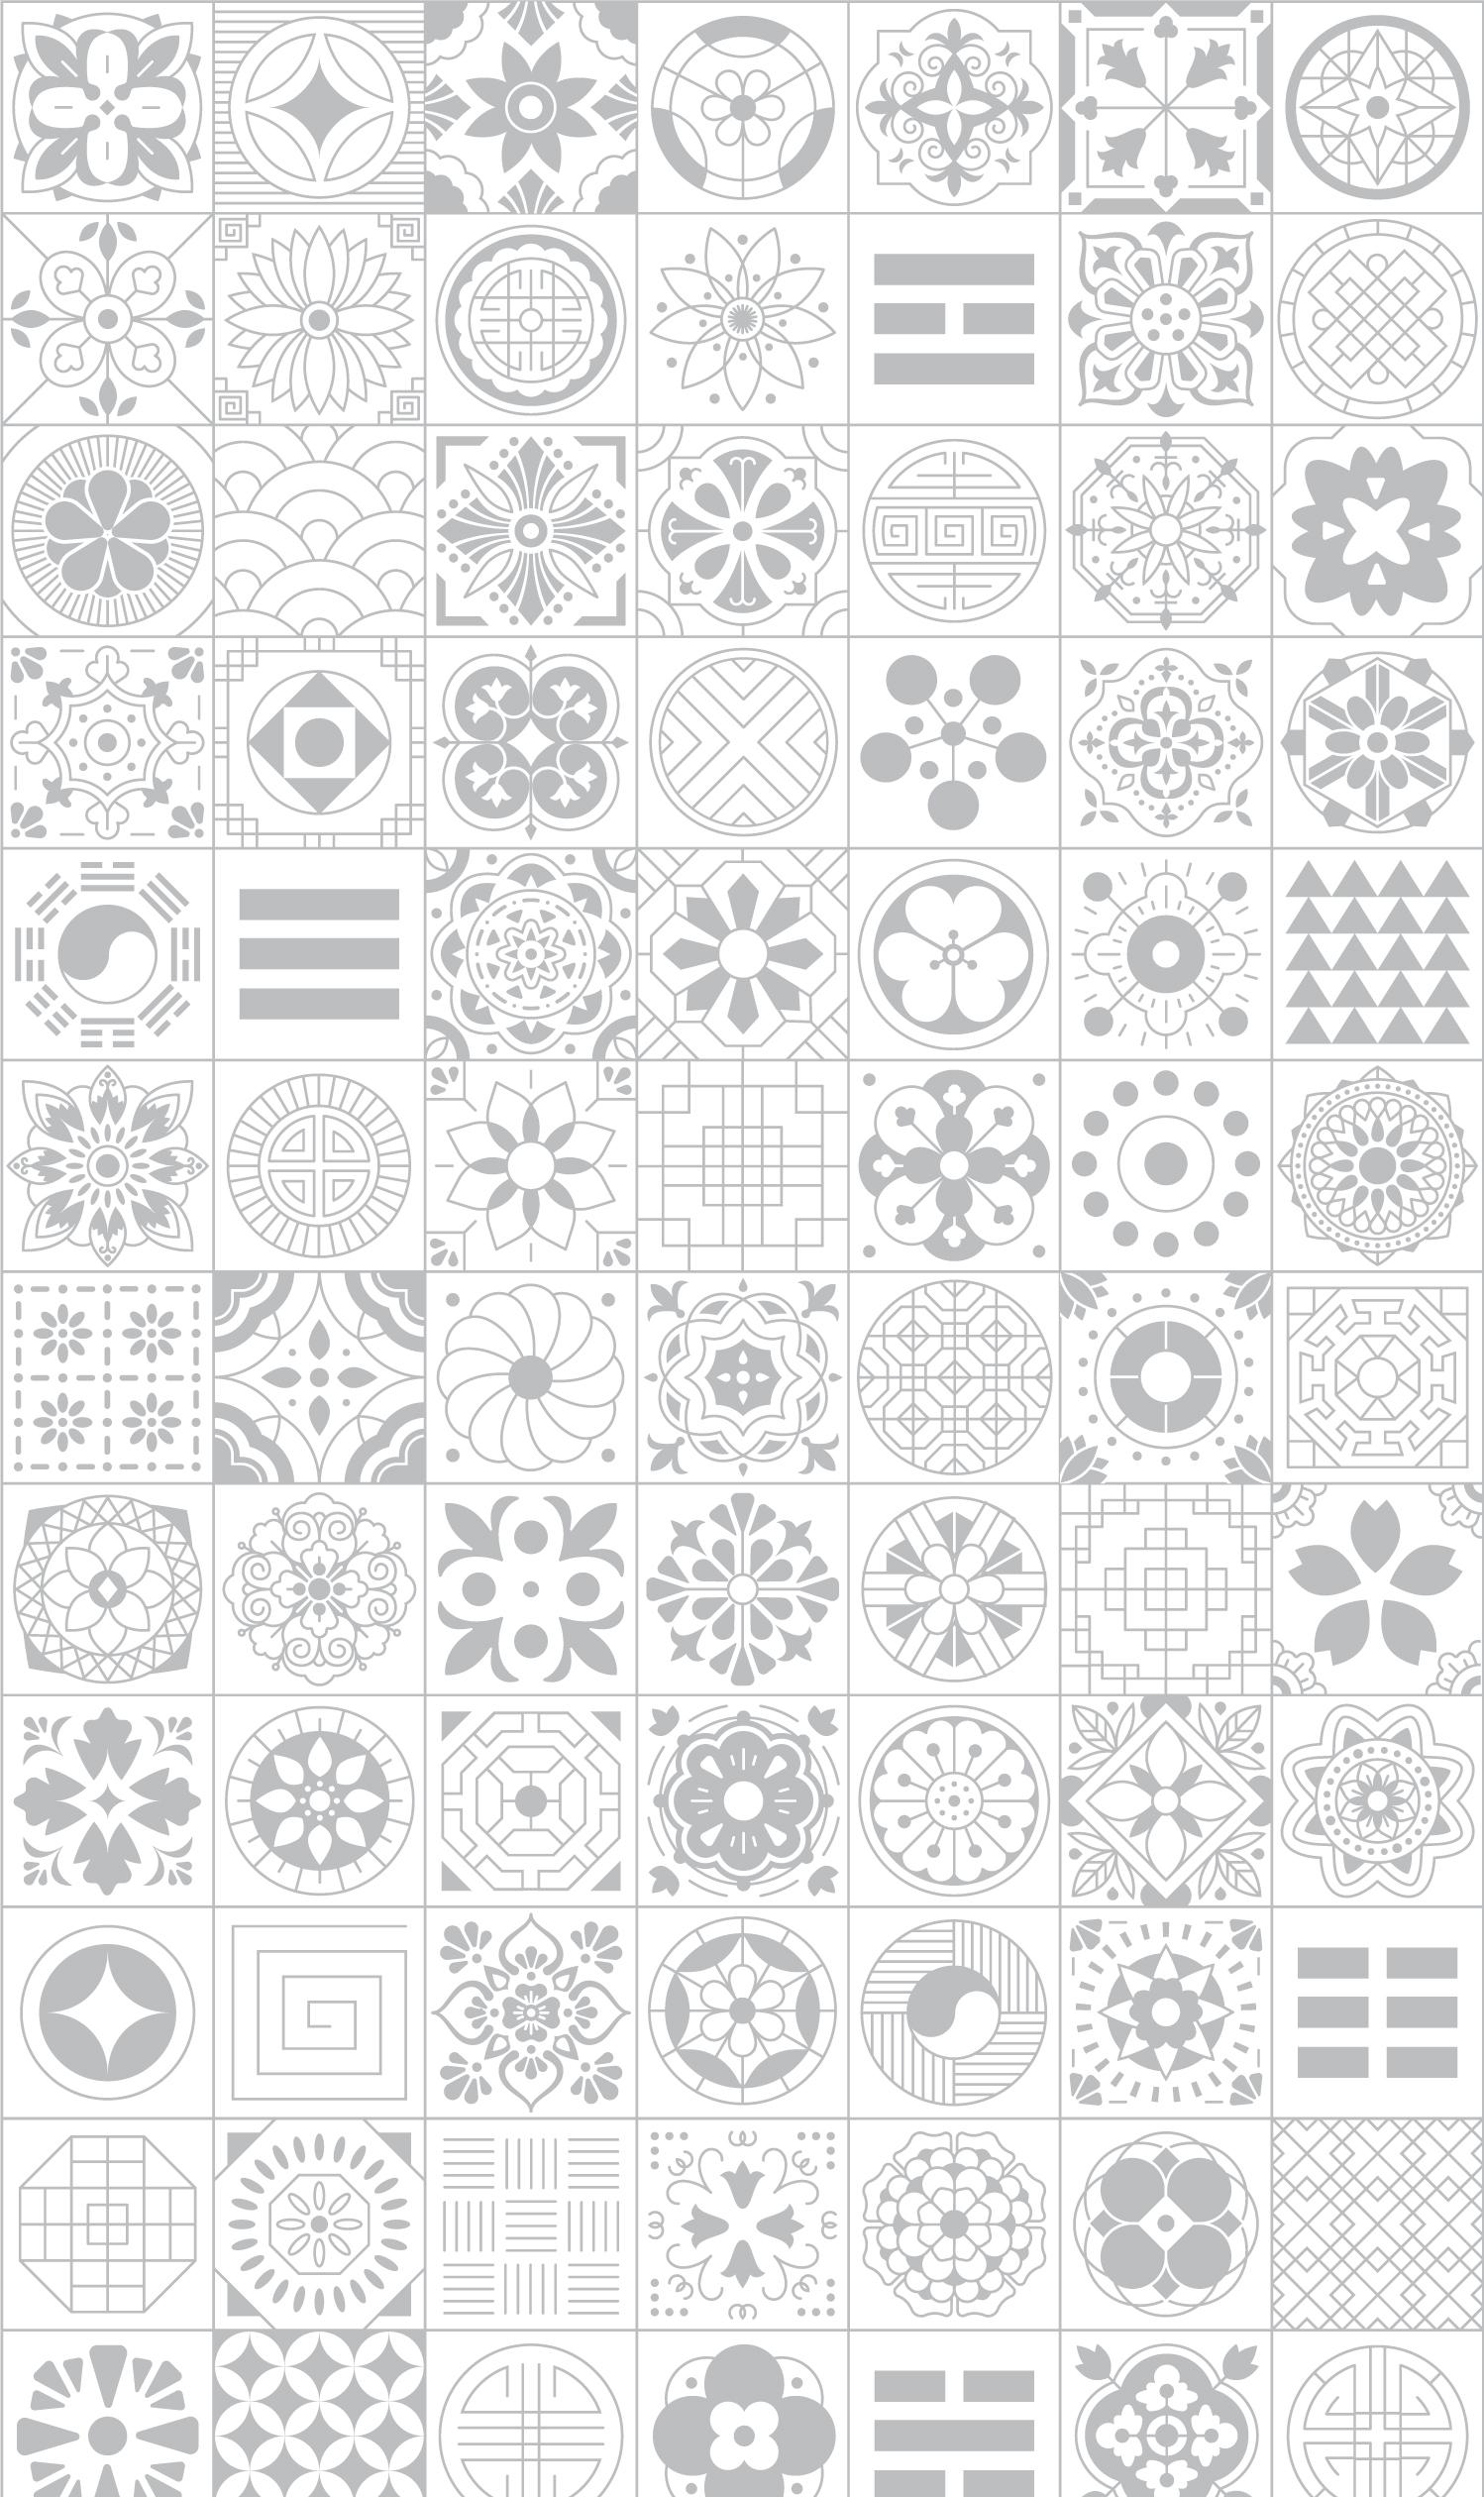 Target_KTown_Wallpaper_Columns1.jpg